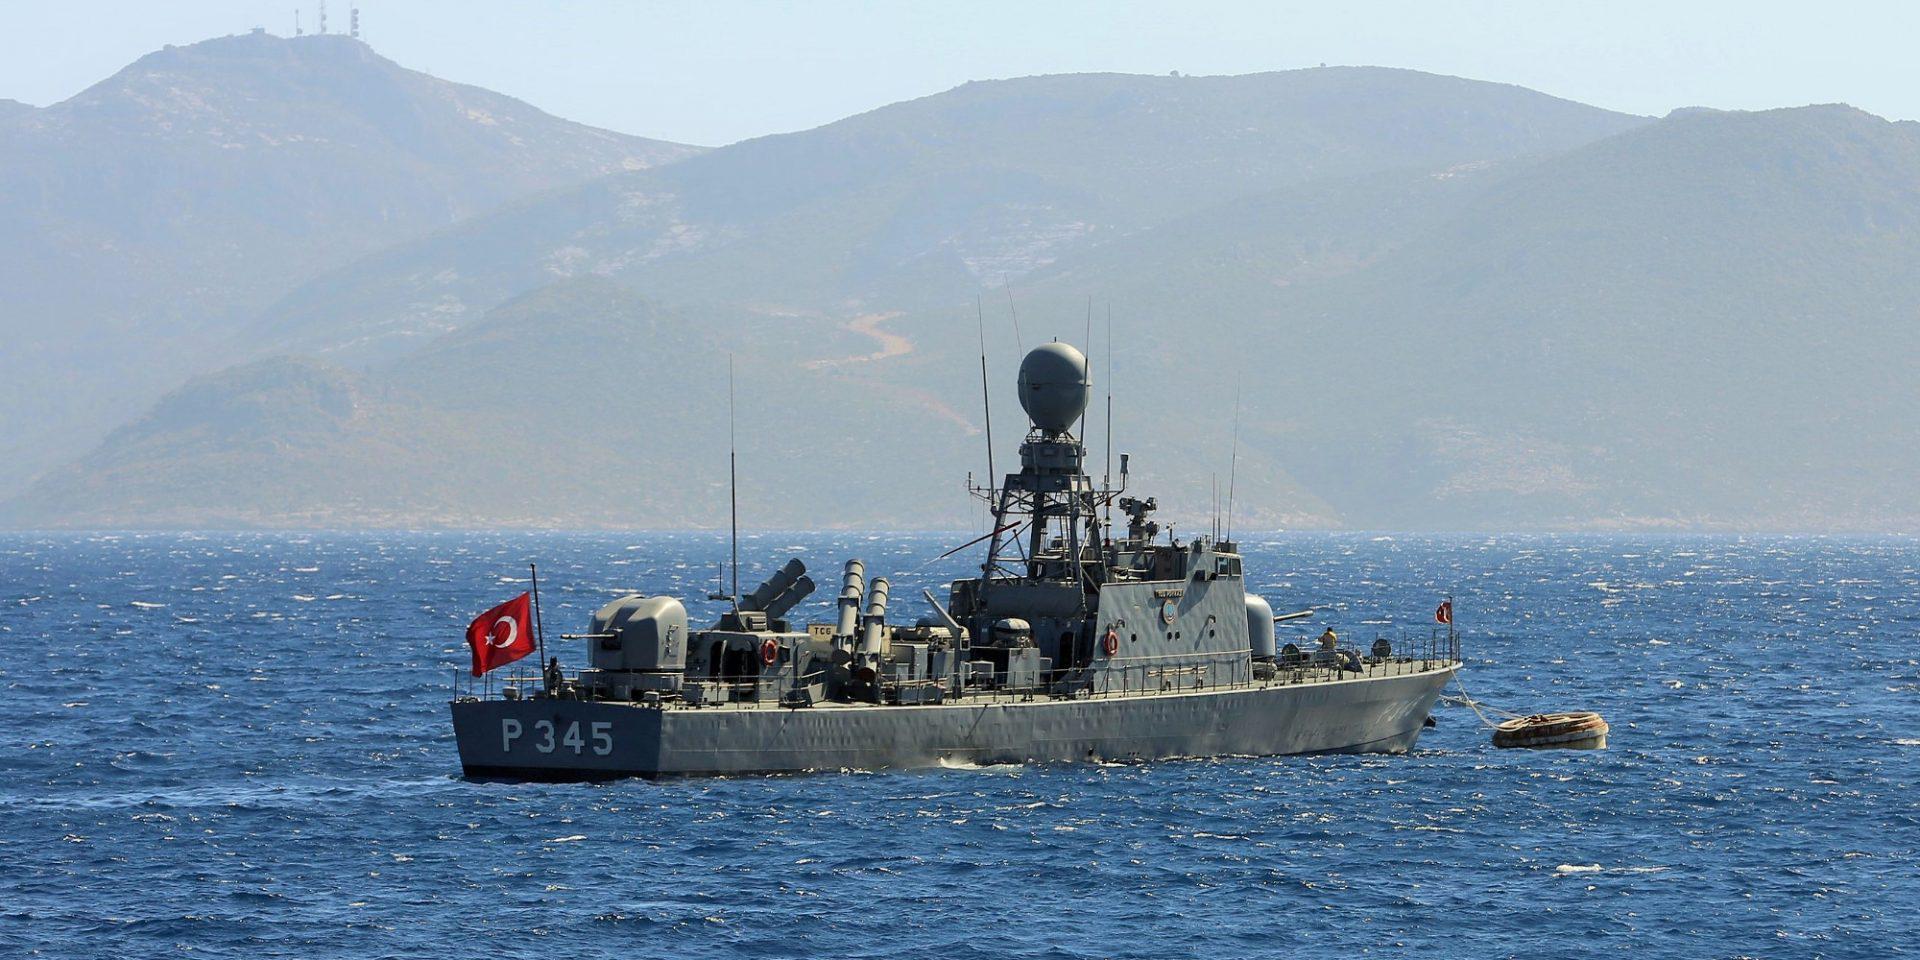 Συρίγος: Μόνο ένα εμπάργκο όπλων θα αναχαίτιζε την επιθετική πολιτική της Τουρκίας